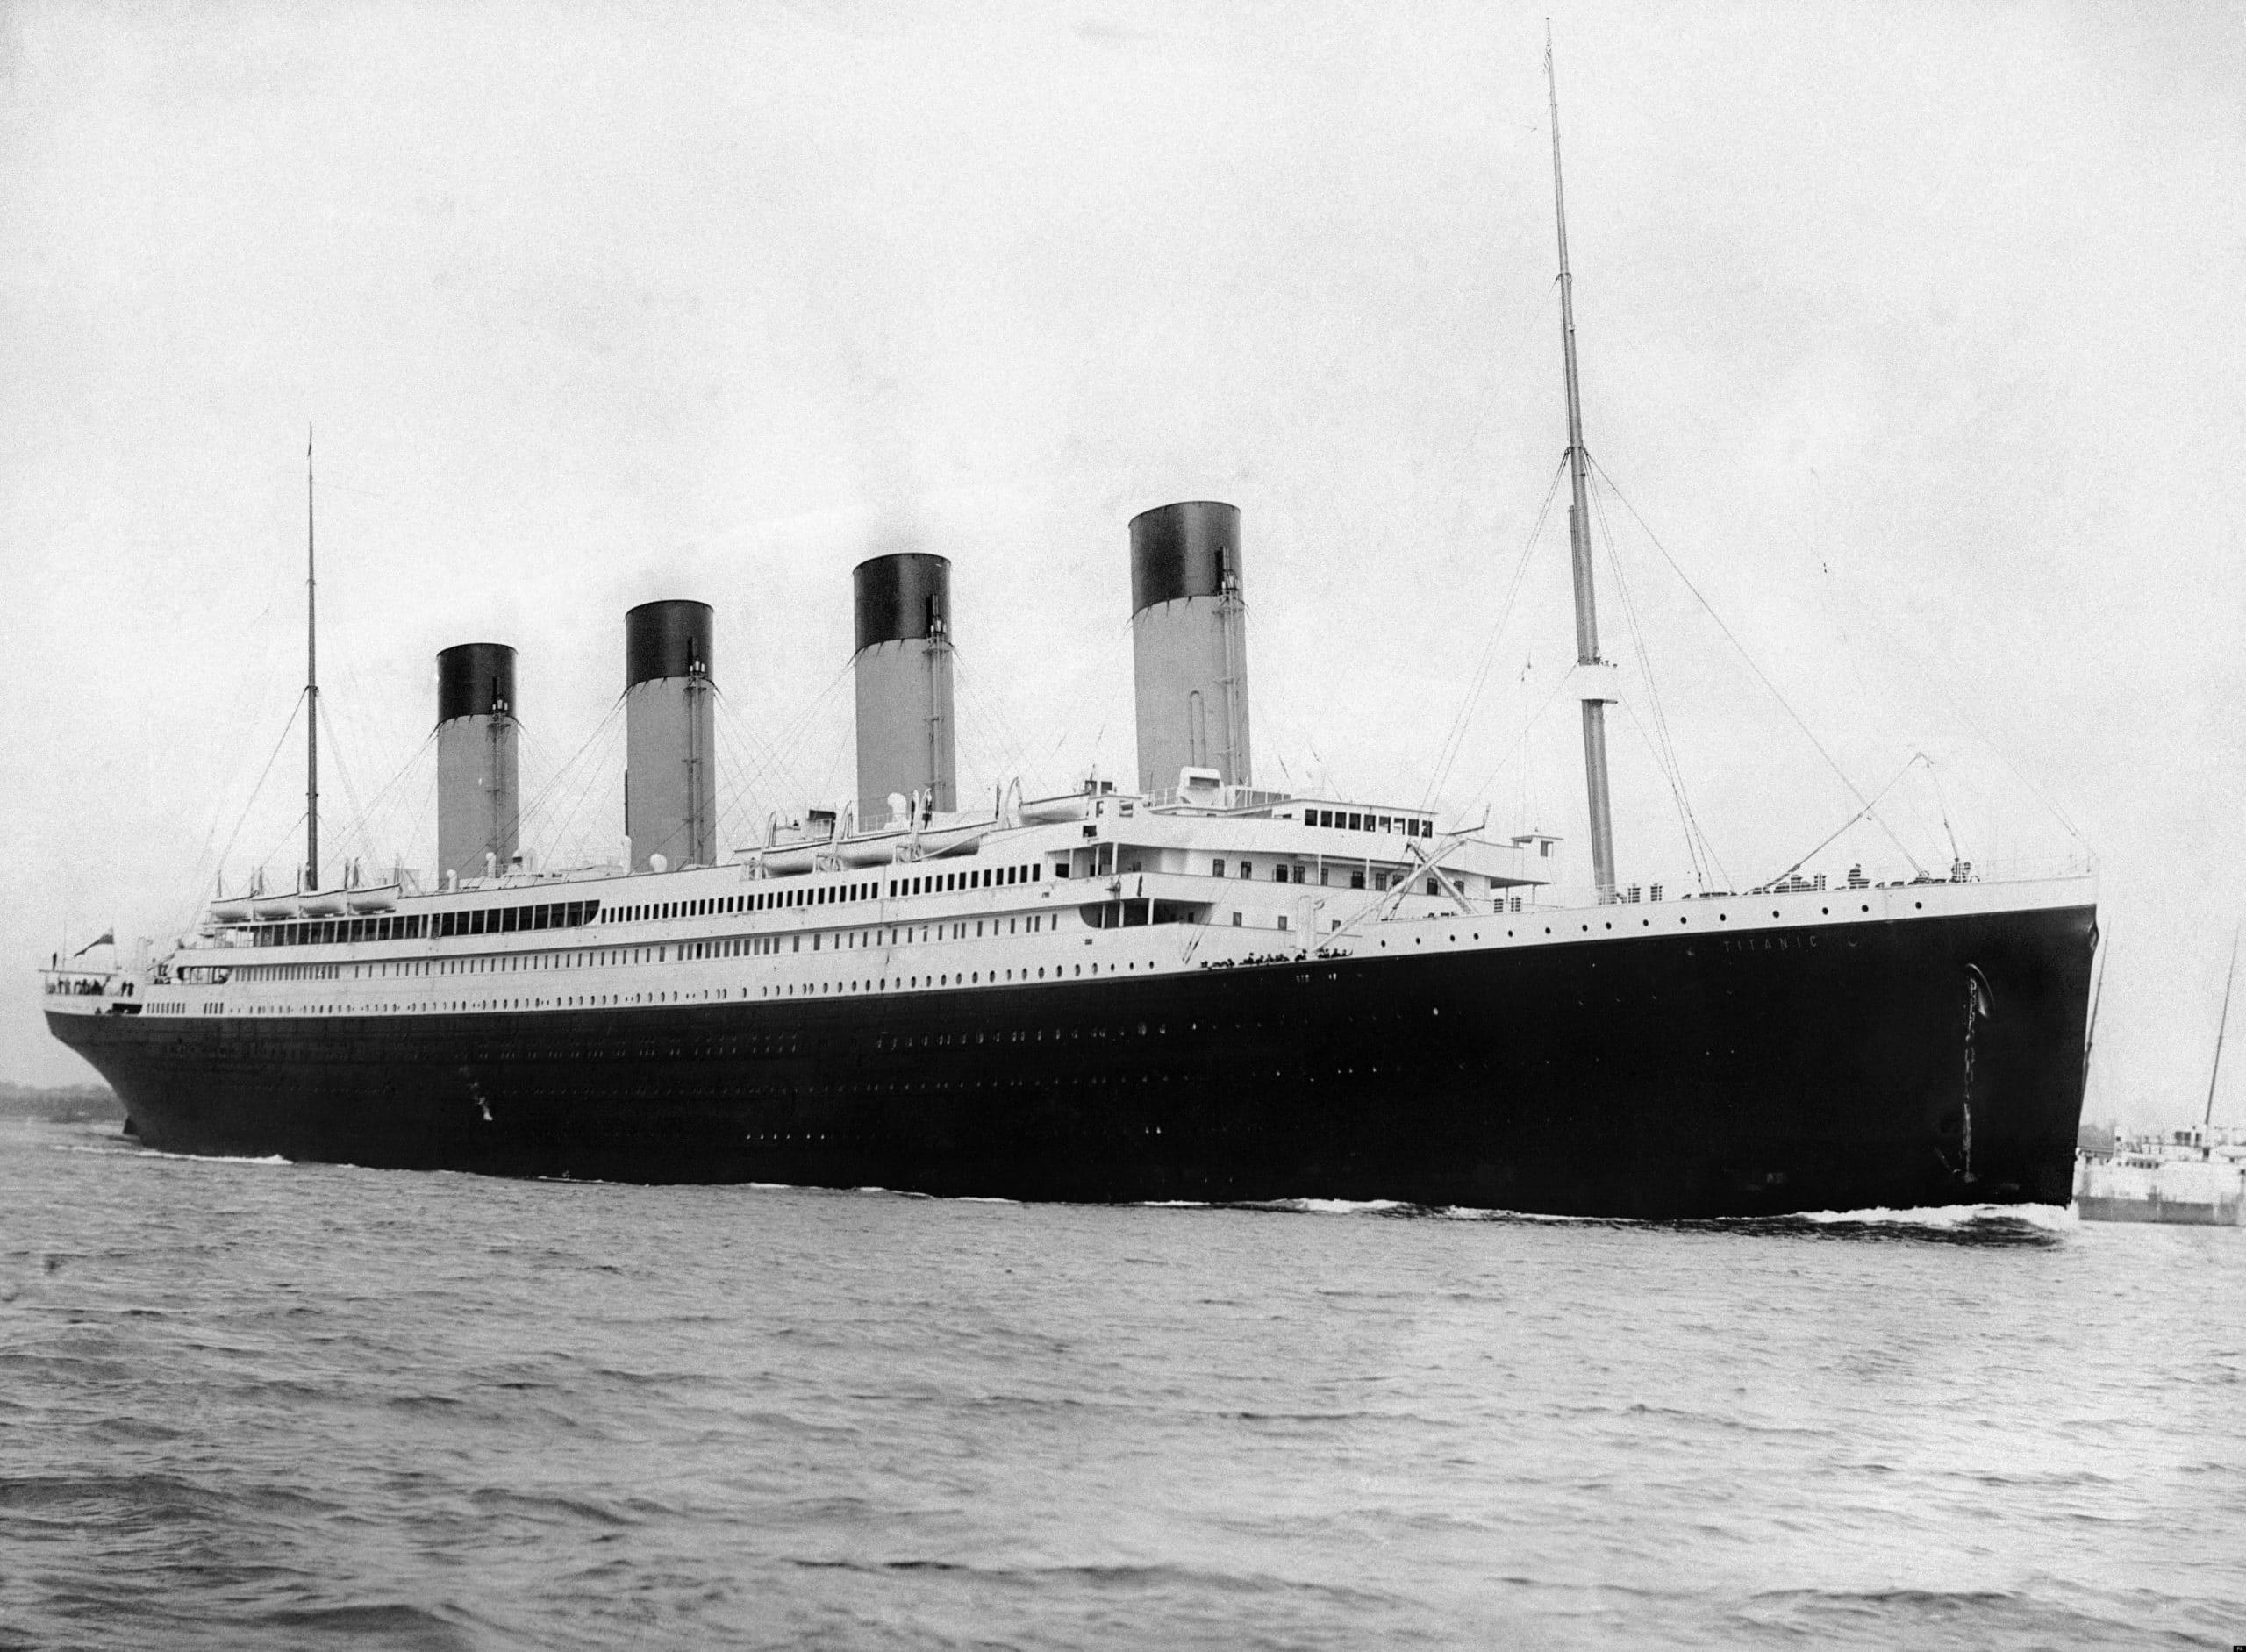 le rms titanic est le sister ship de l'olympic